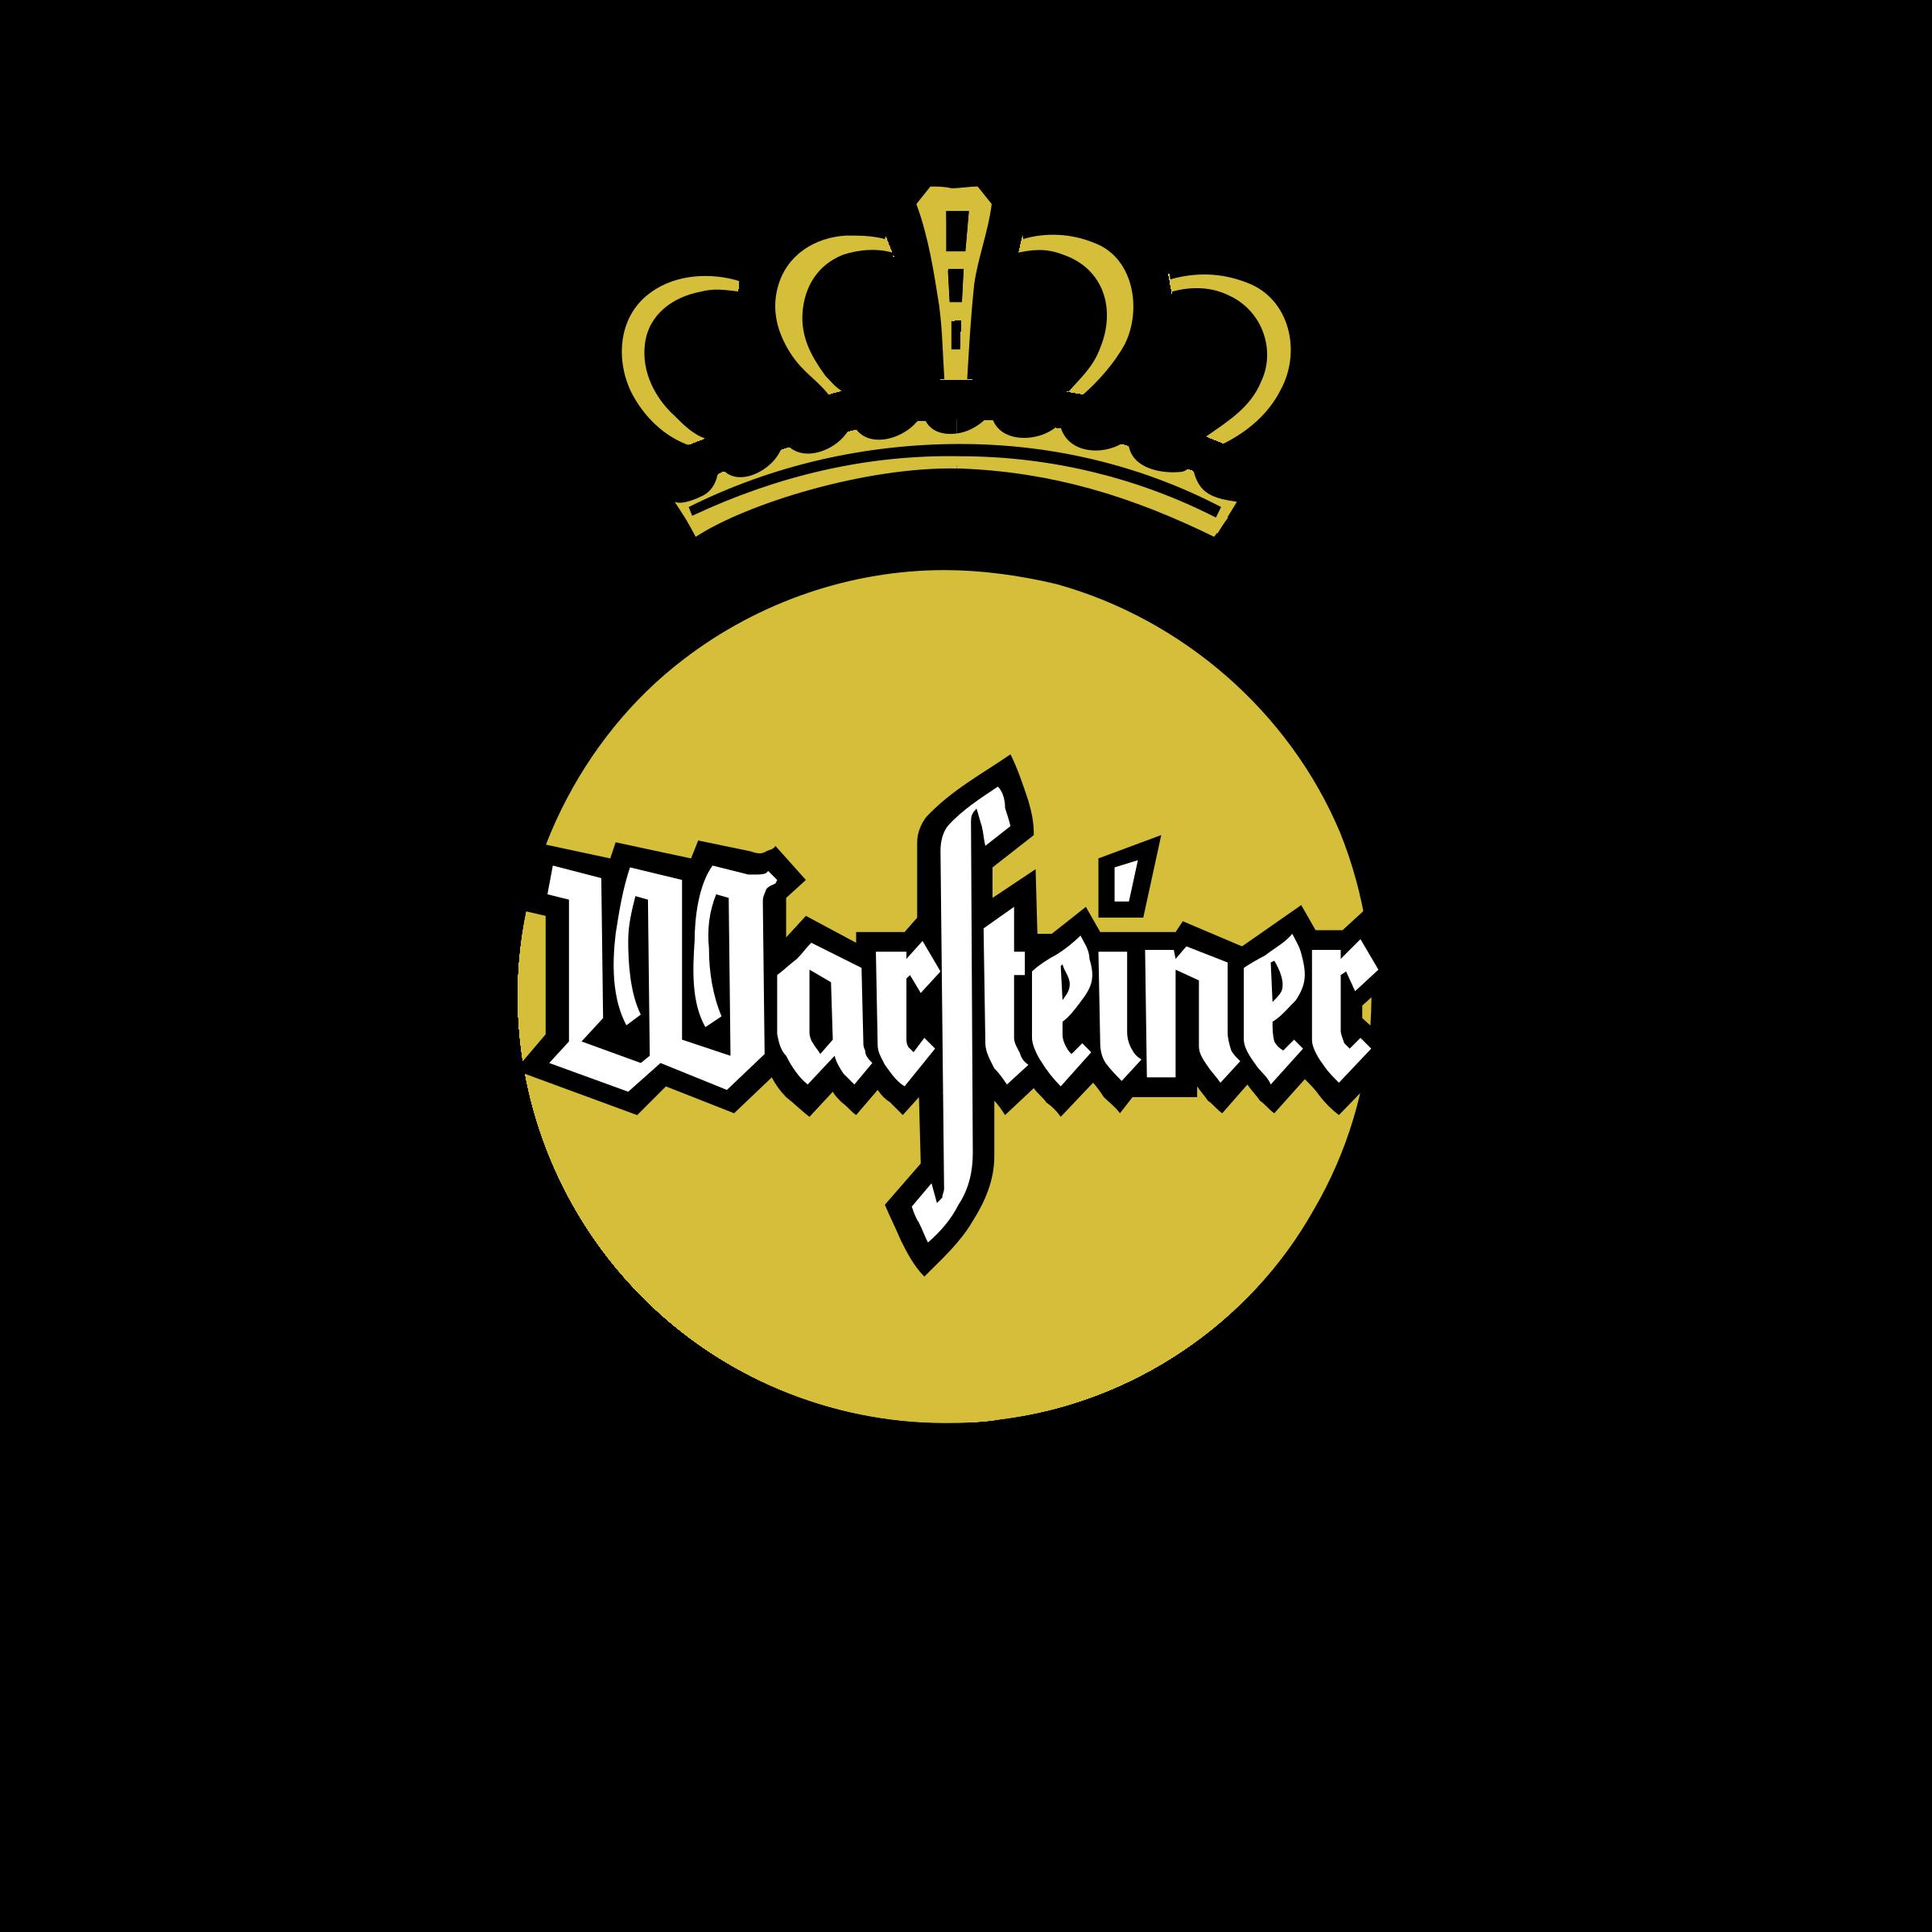 Warsteiner Logo PNG Transparent & SVG Vector.